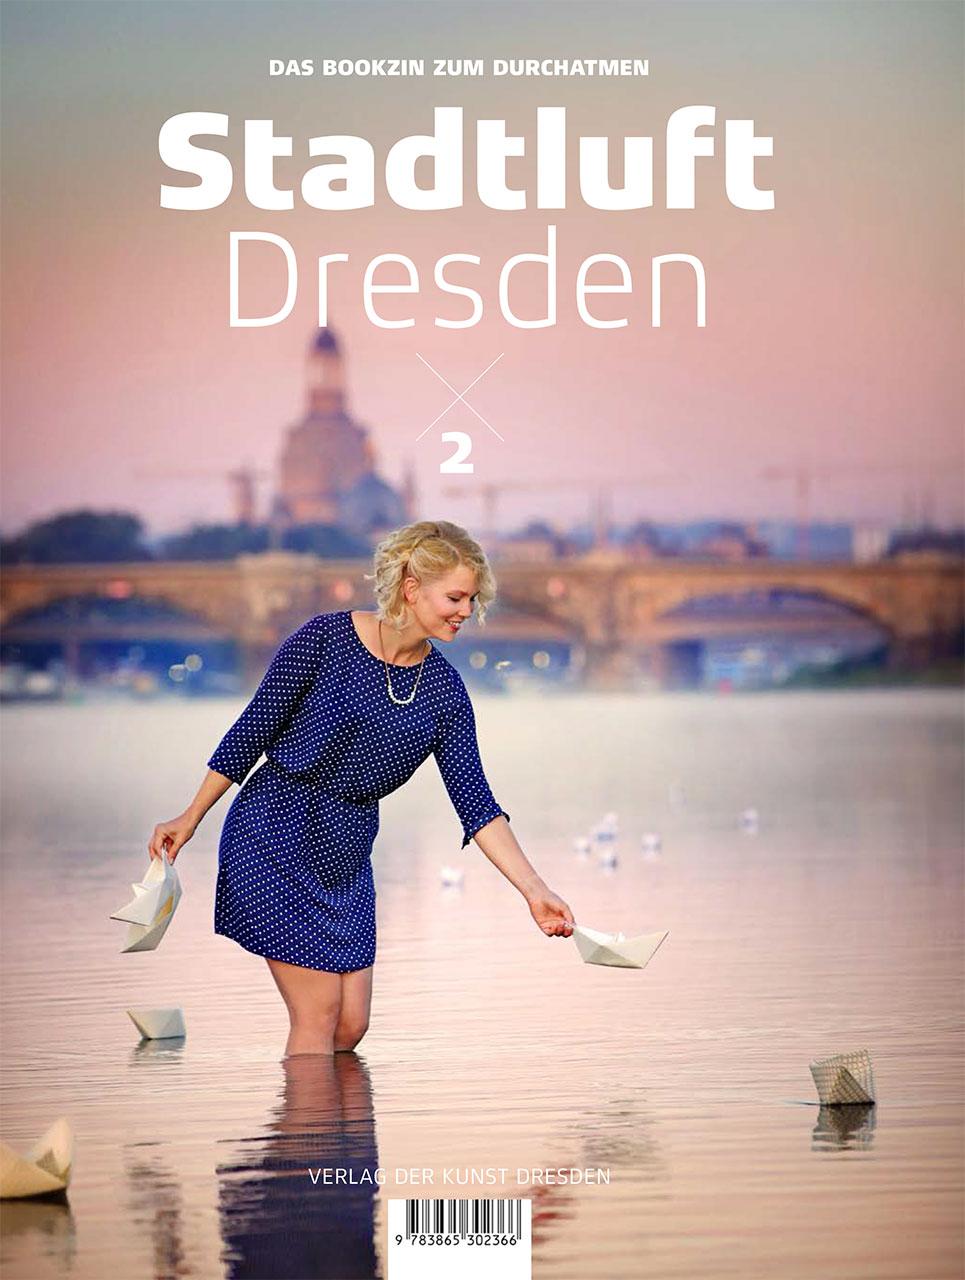 Stadtluft Dresden 2 – das Bookzin zum Durchatmen